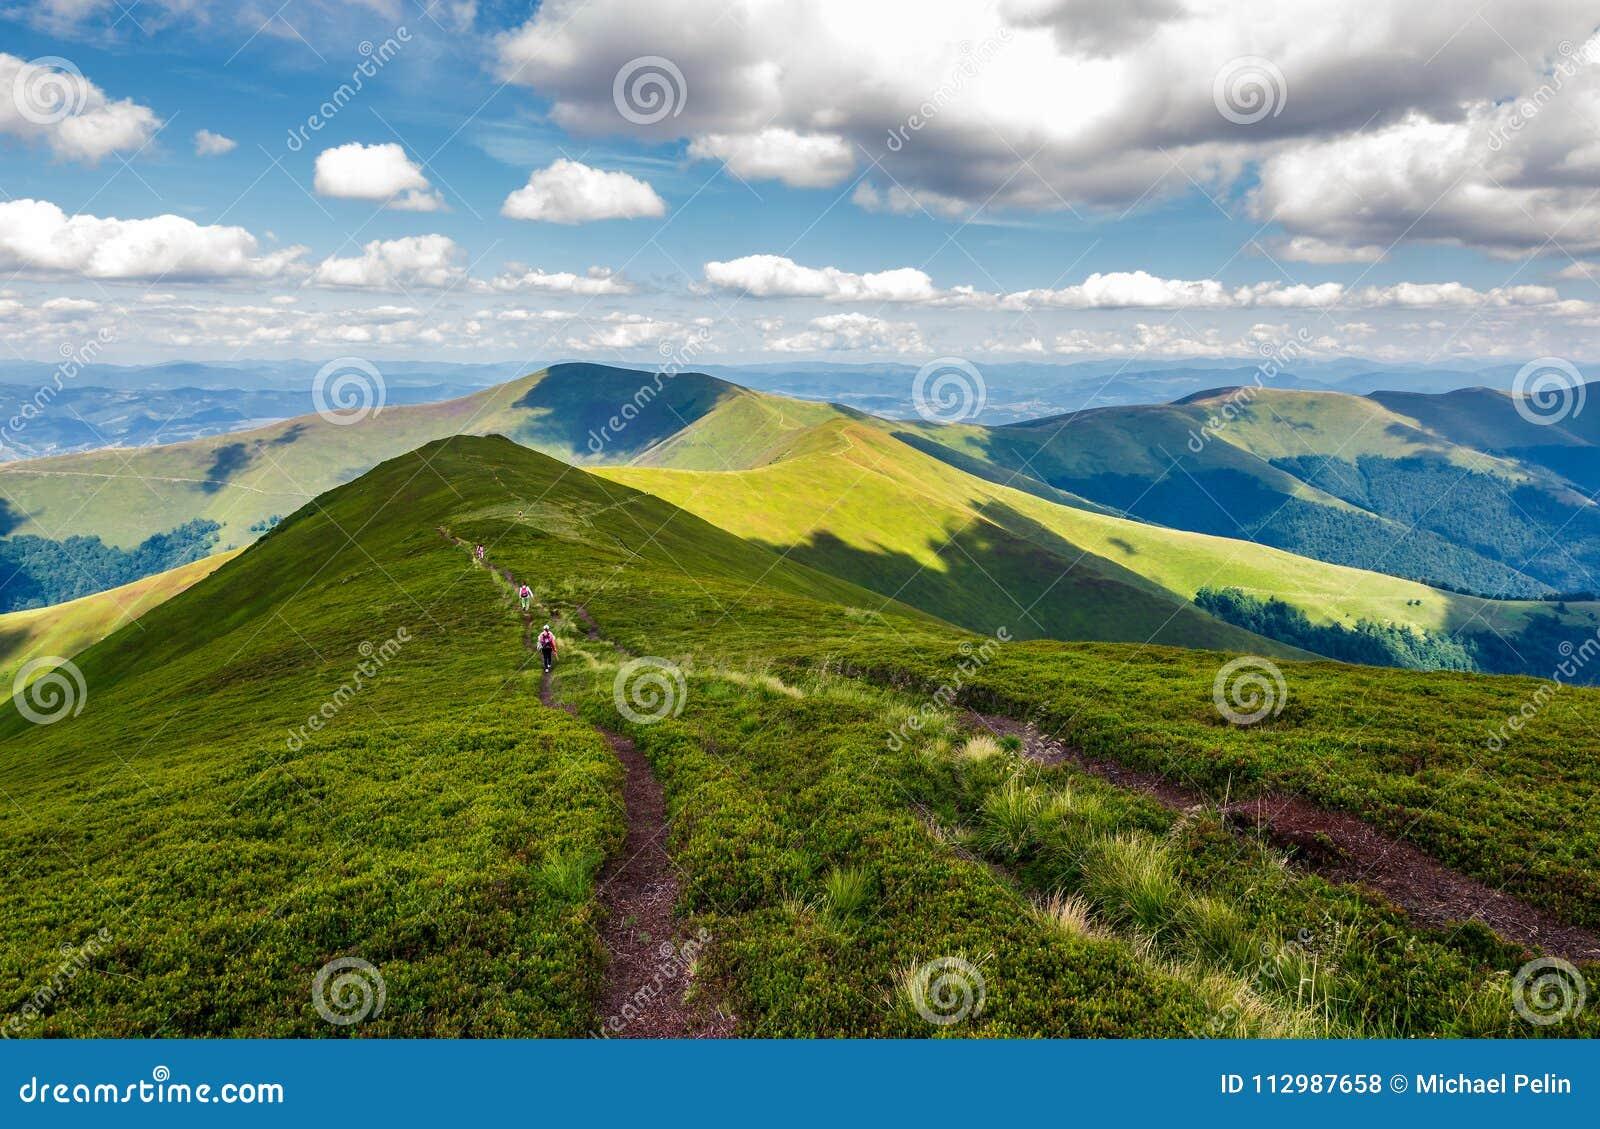 Footpath through mountain ridge in summer